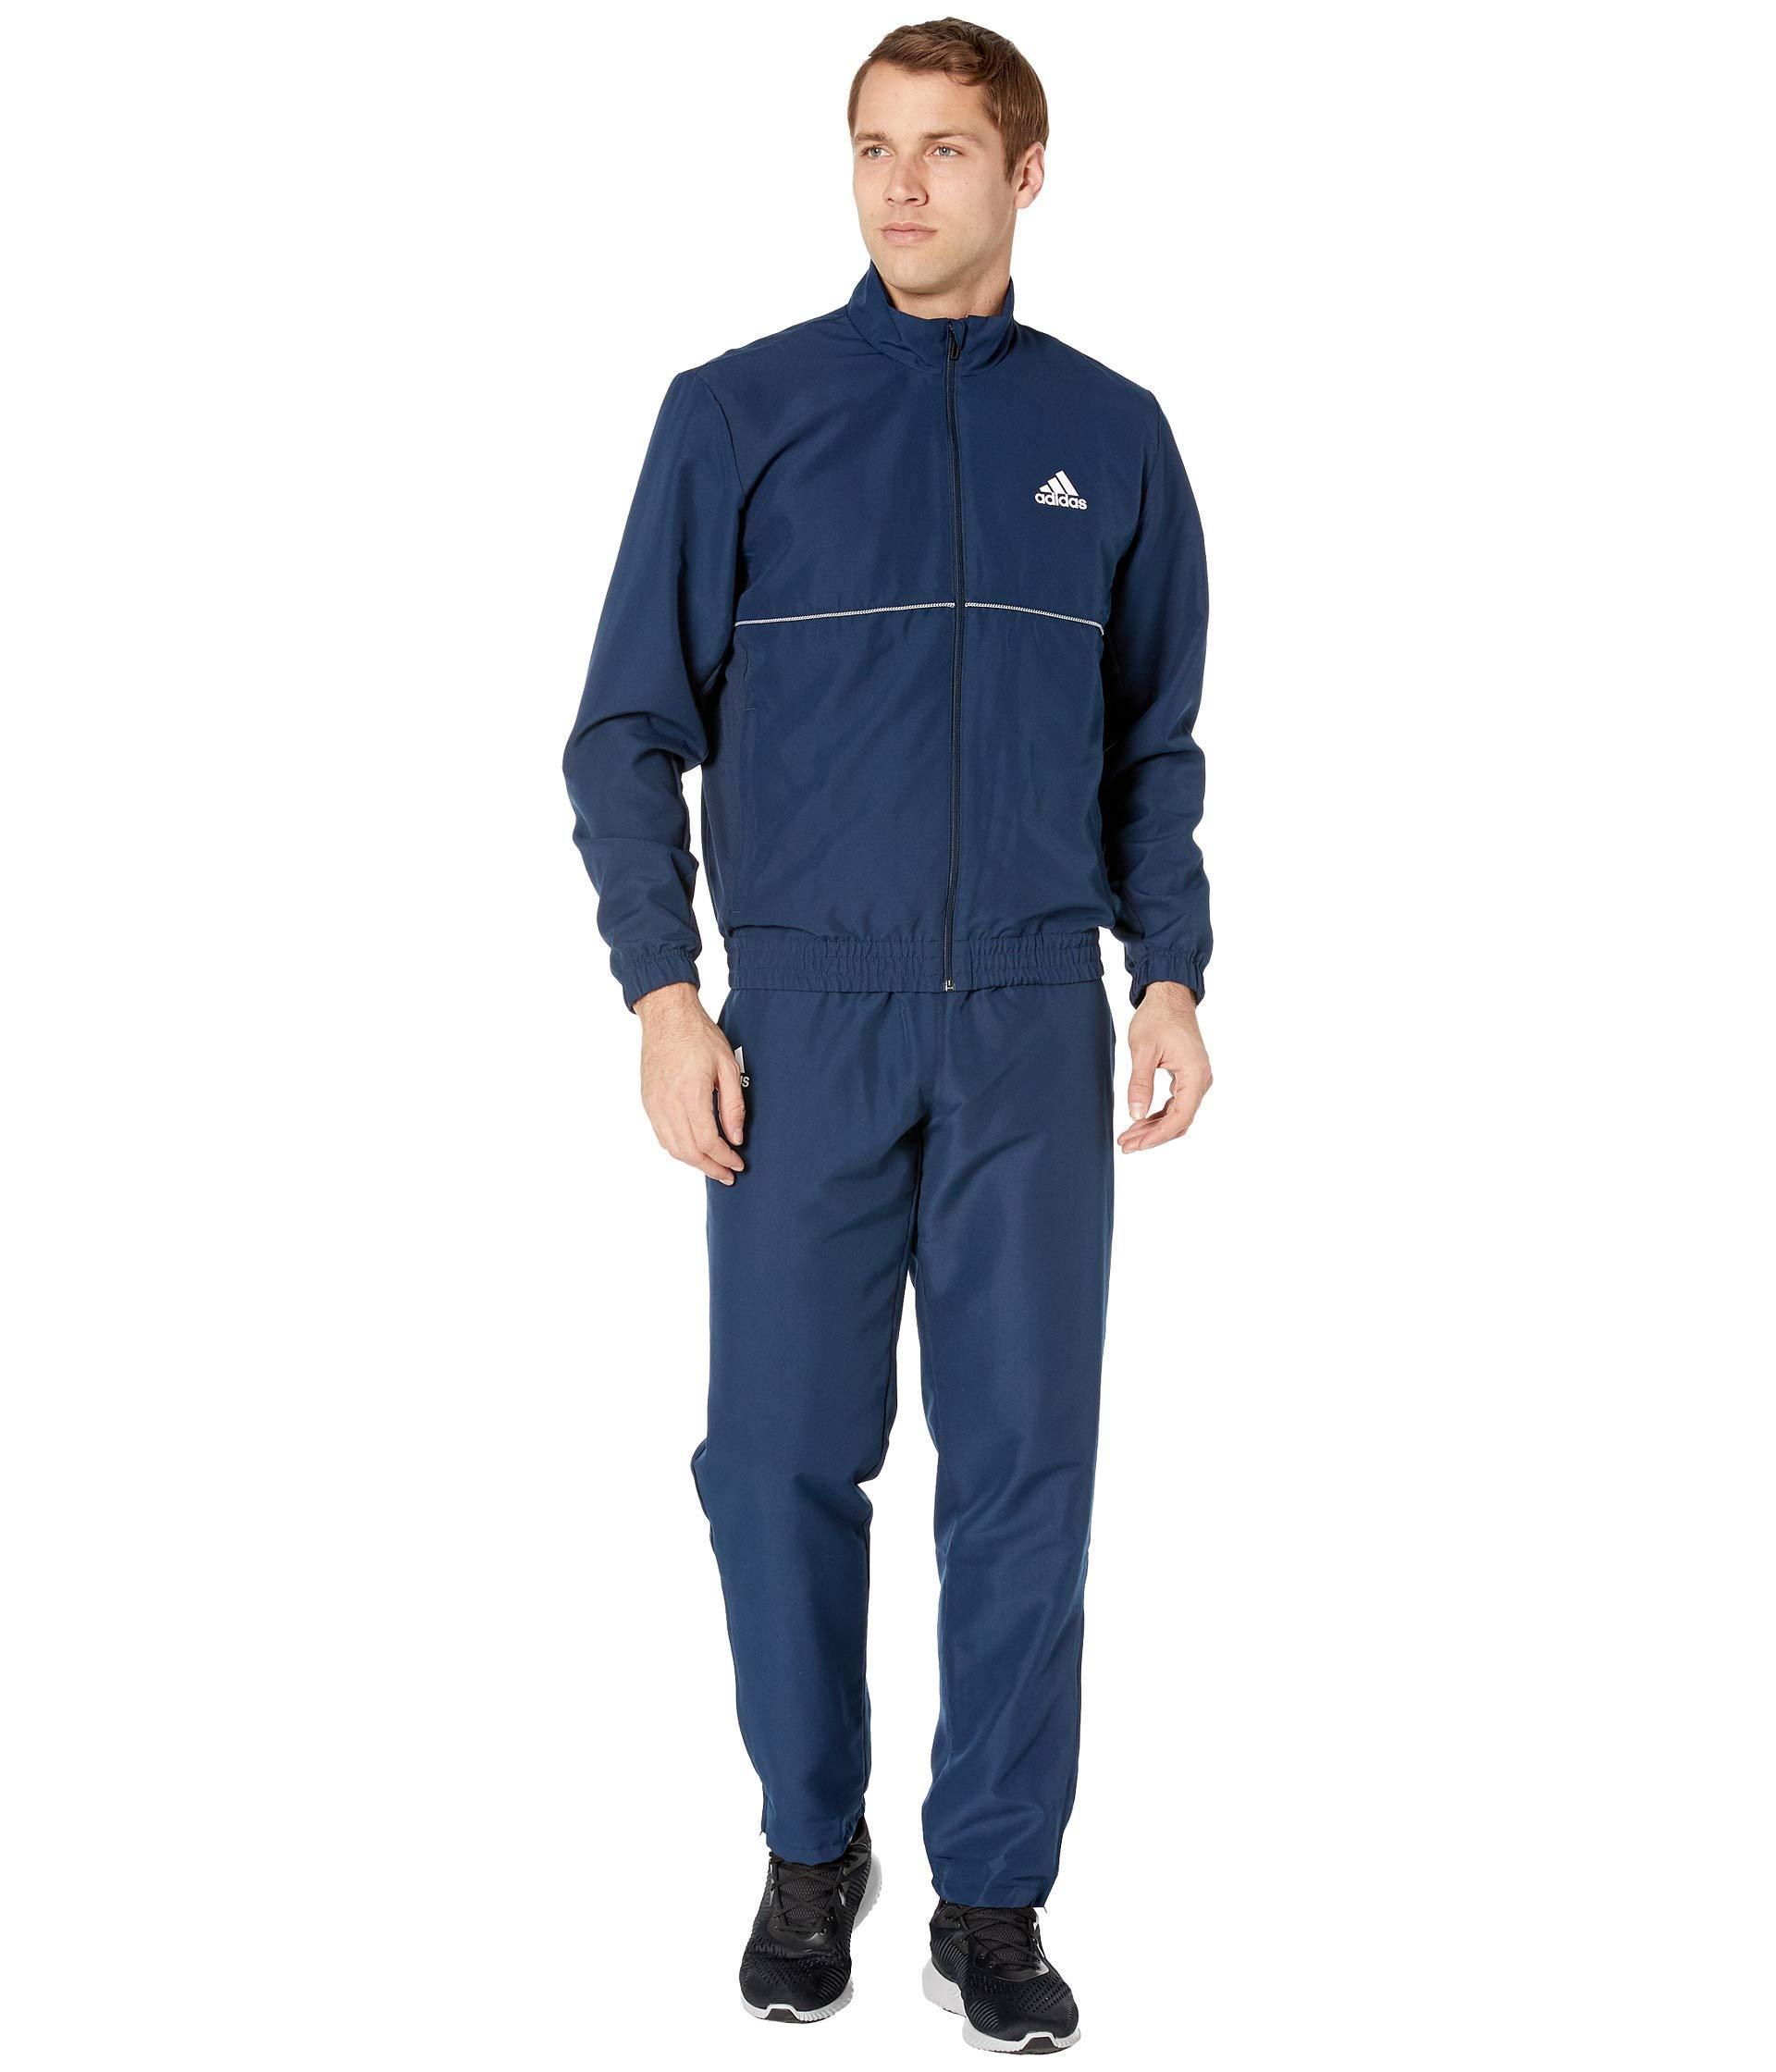 bb5add38a787 Adidas - Blue Club Tracksuit for Men - Lyst. View fullscreen